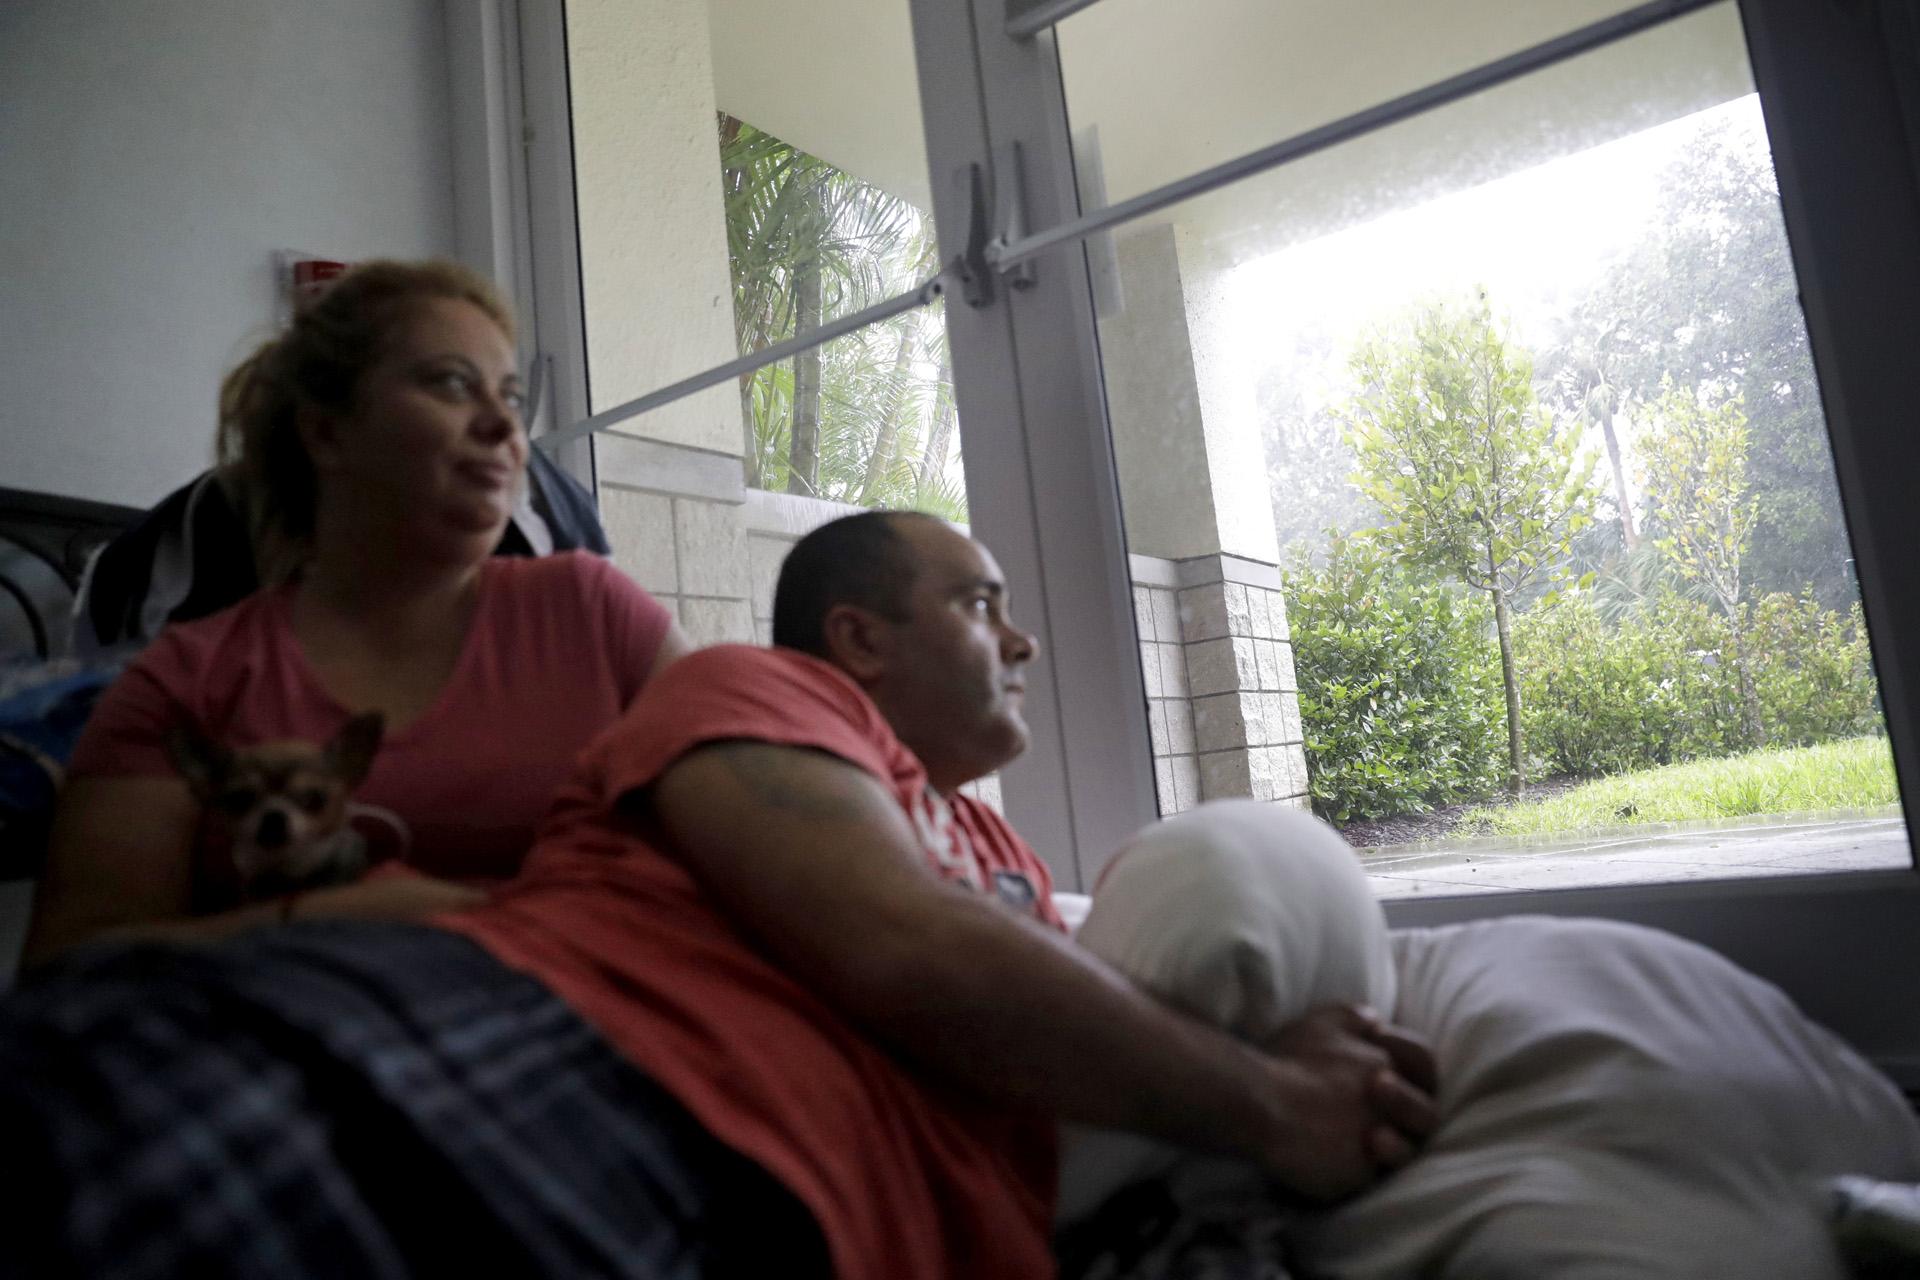 Javier García y su esposa Marissa Soto se sientan con el perro de su vecino Ilito mientras pasan el huracán Irma en un refugio en Nápoles, Florida, el domingo 10 de septiembre de 2017. (AP)